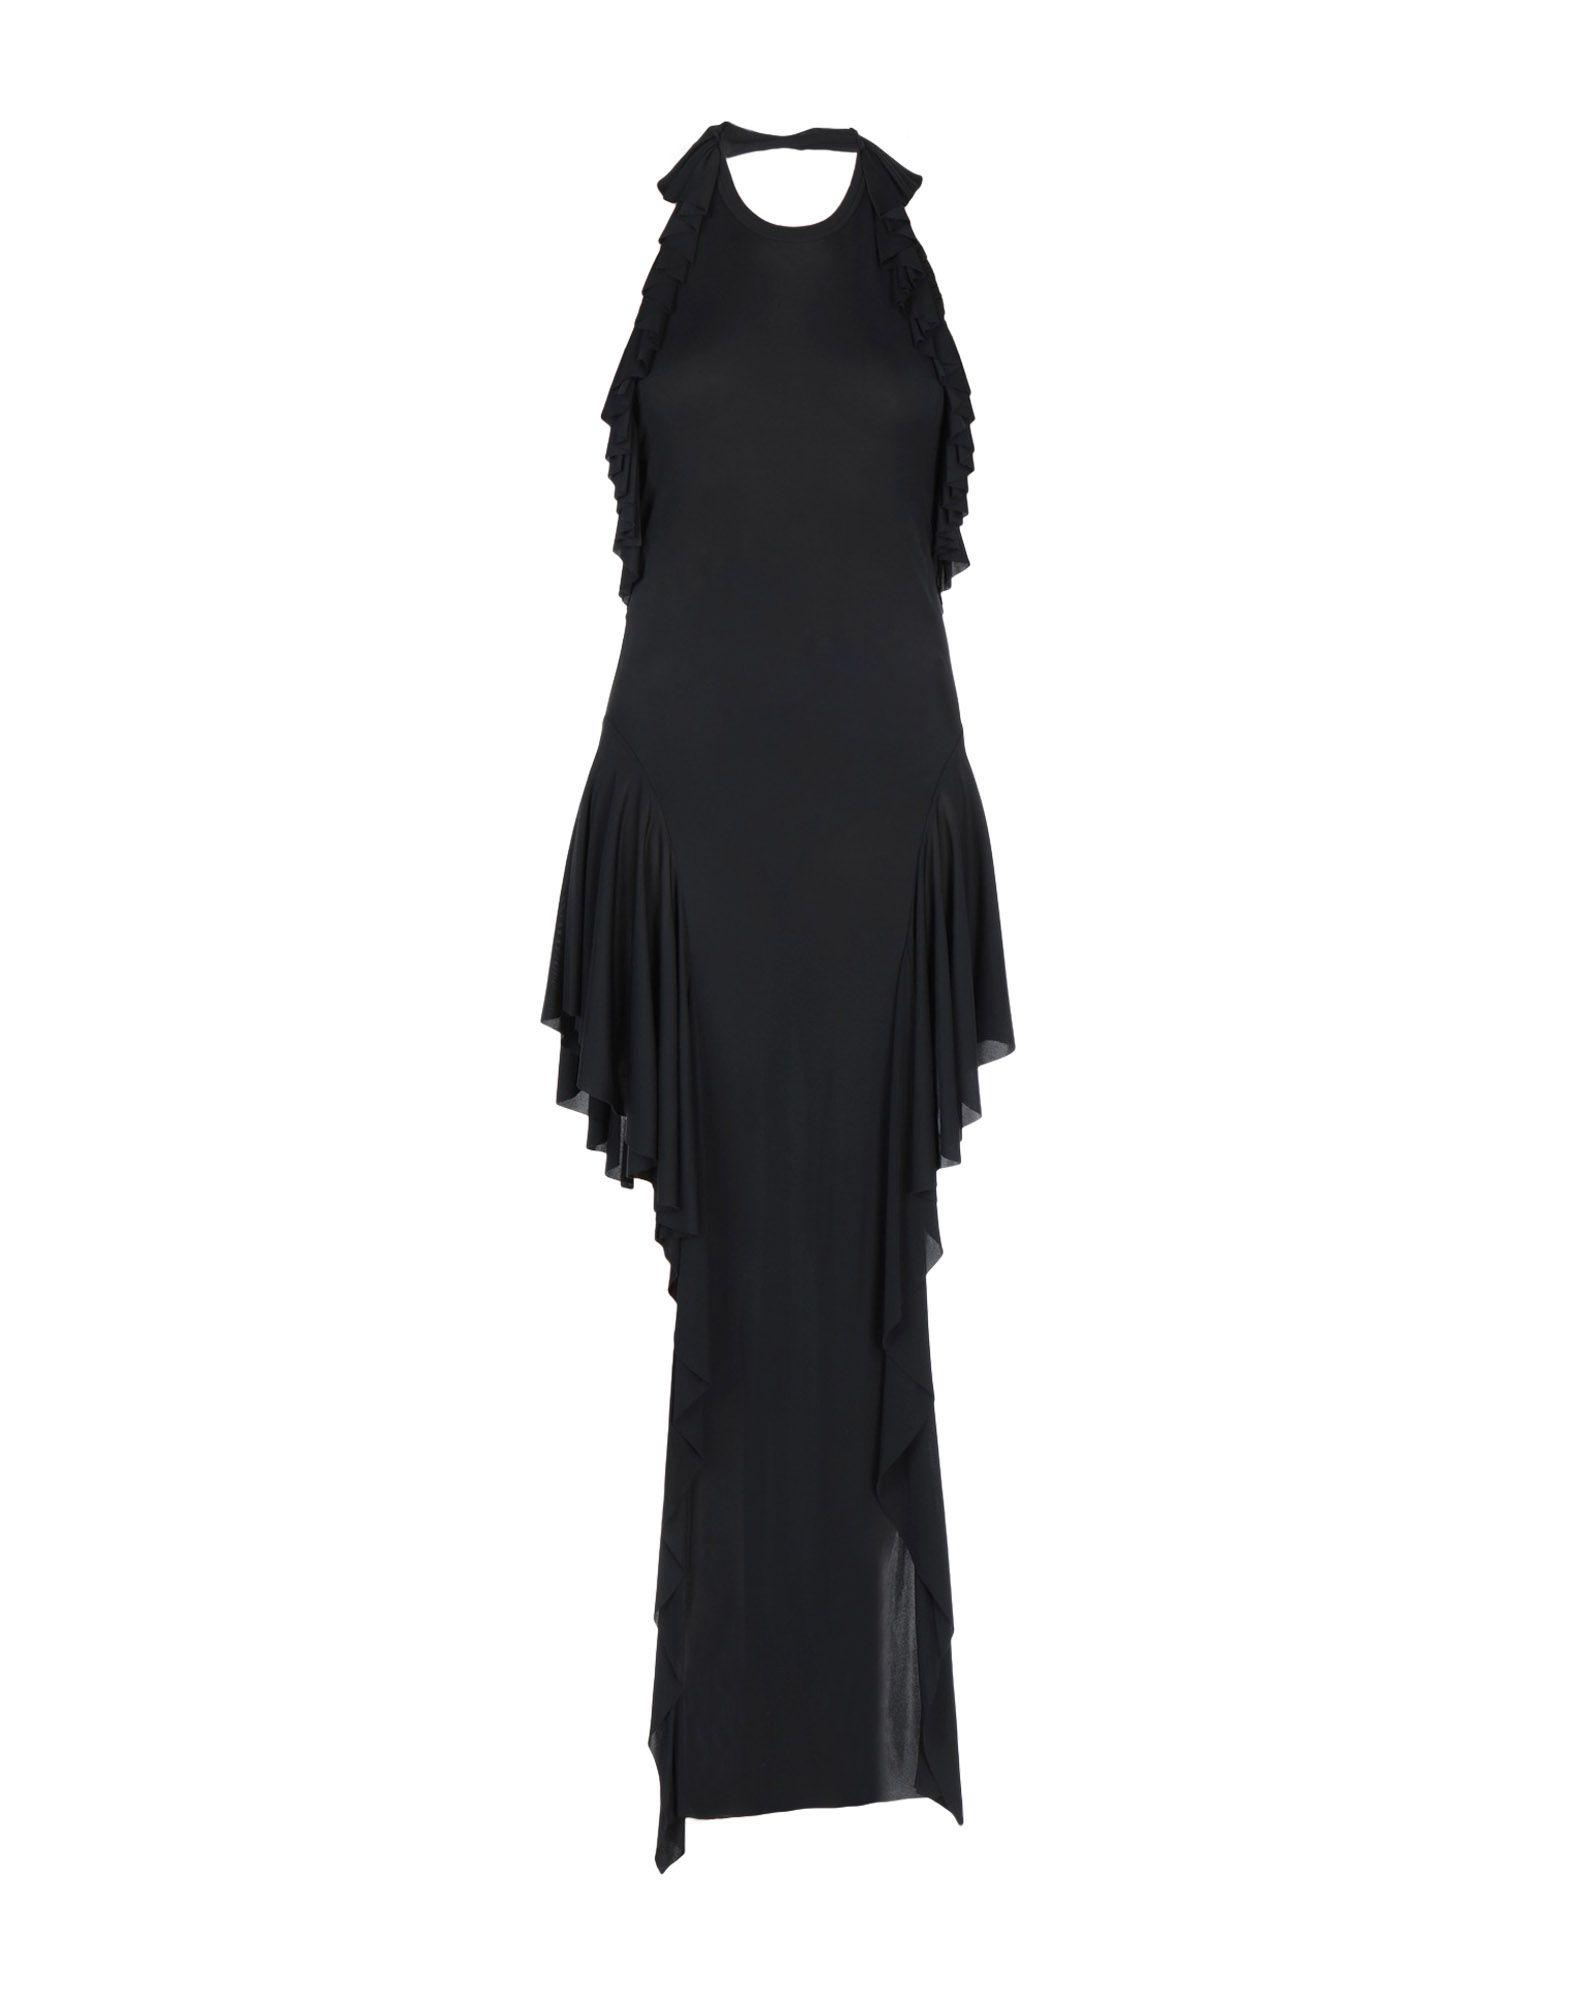 PHILOSOPHY di LORENZO SERAFINI Длинное платье платье di tashe di tashe mp002xw0djpy